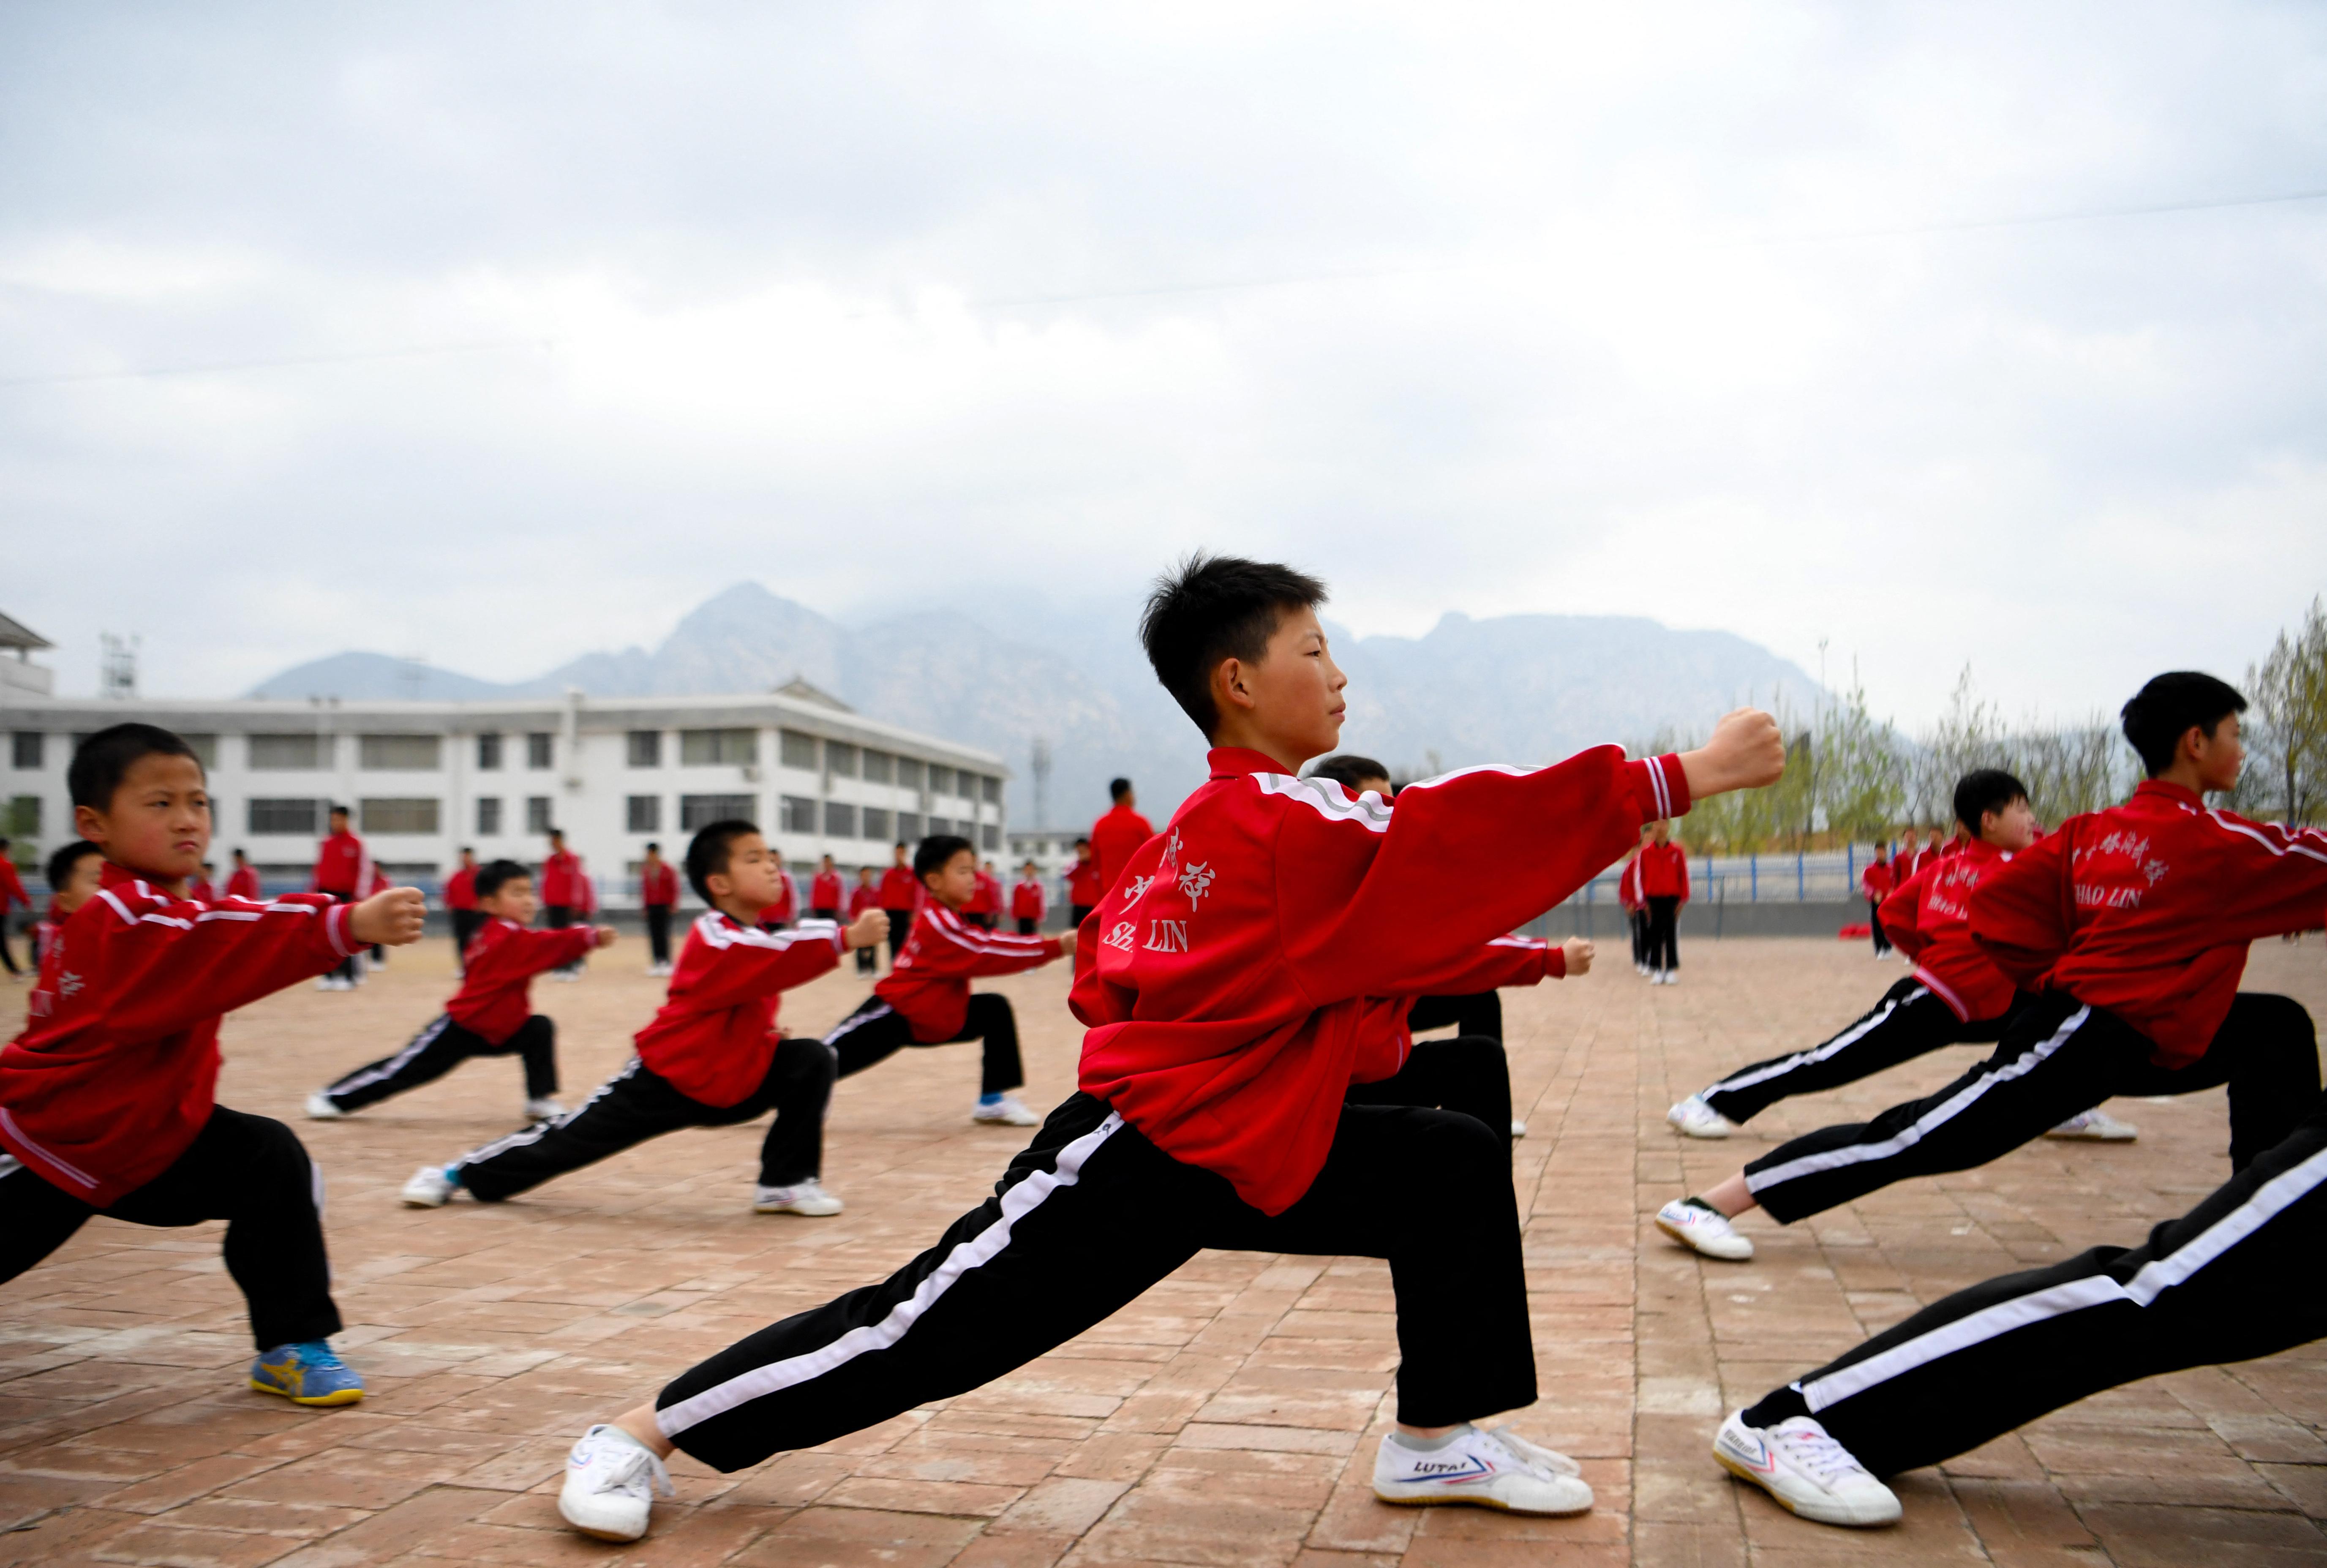 Tizennyolcan meghaltak Kínában egy harcművészeti iskolában keletkezett tűzben